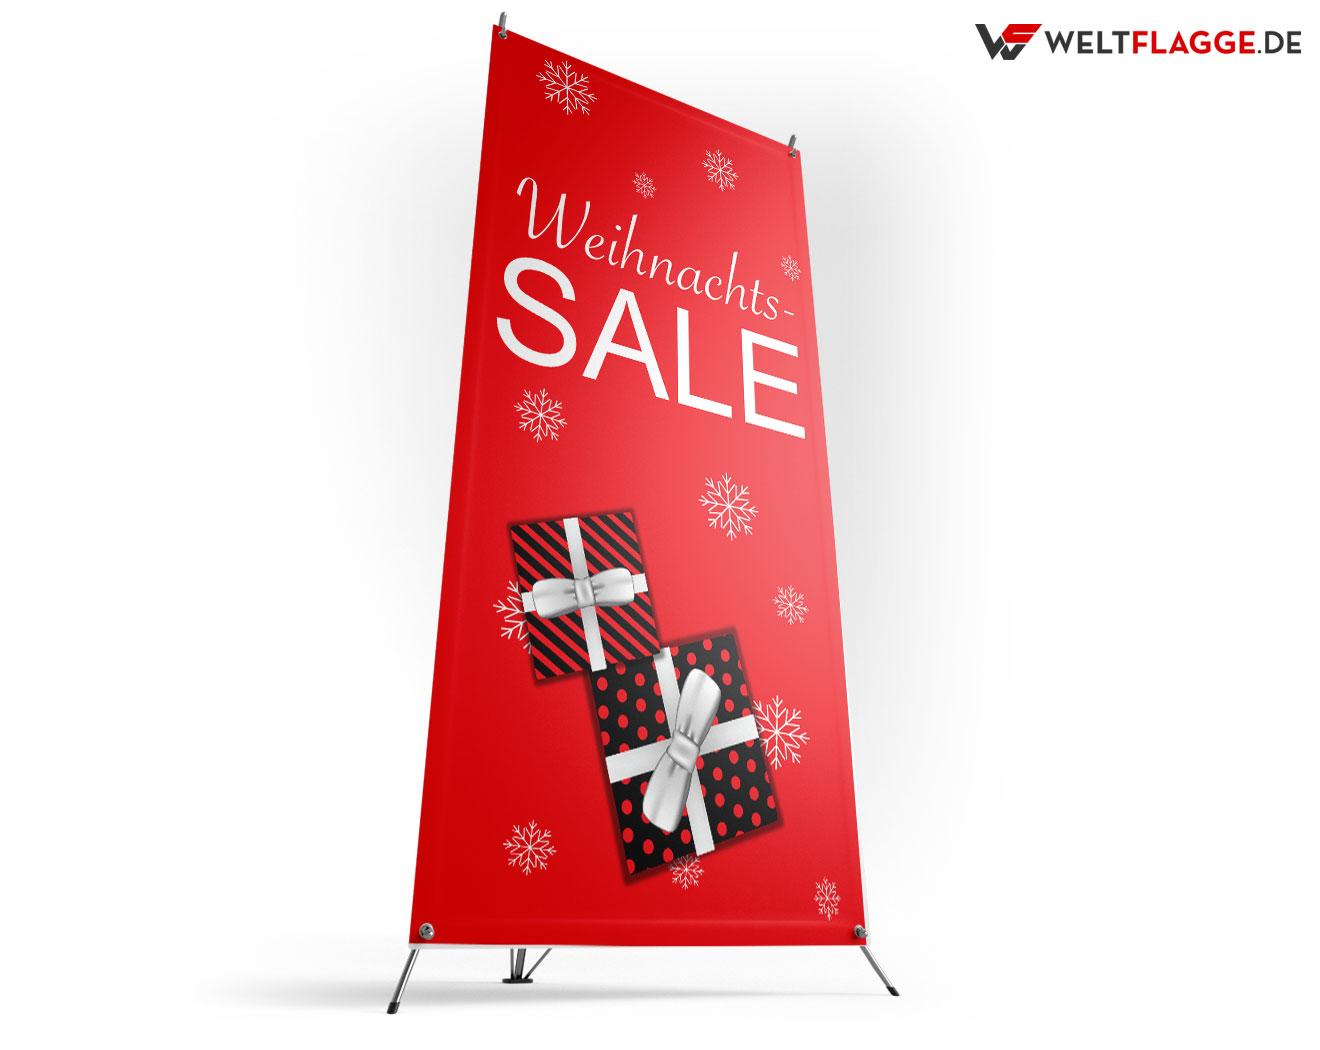 Weihnachts-SALE X-Banner bedrucken lassen